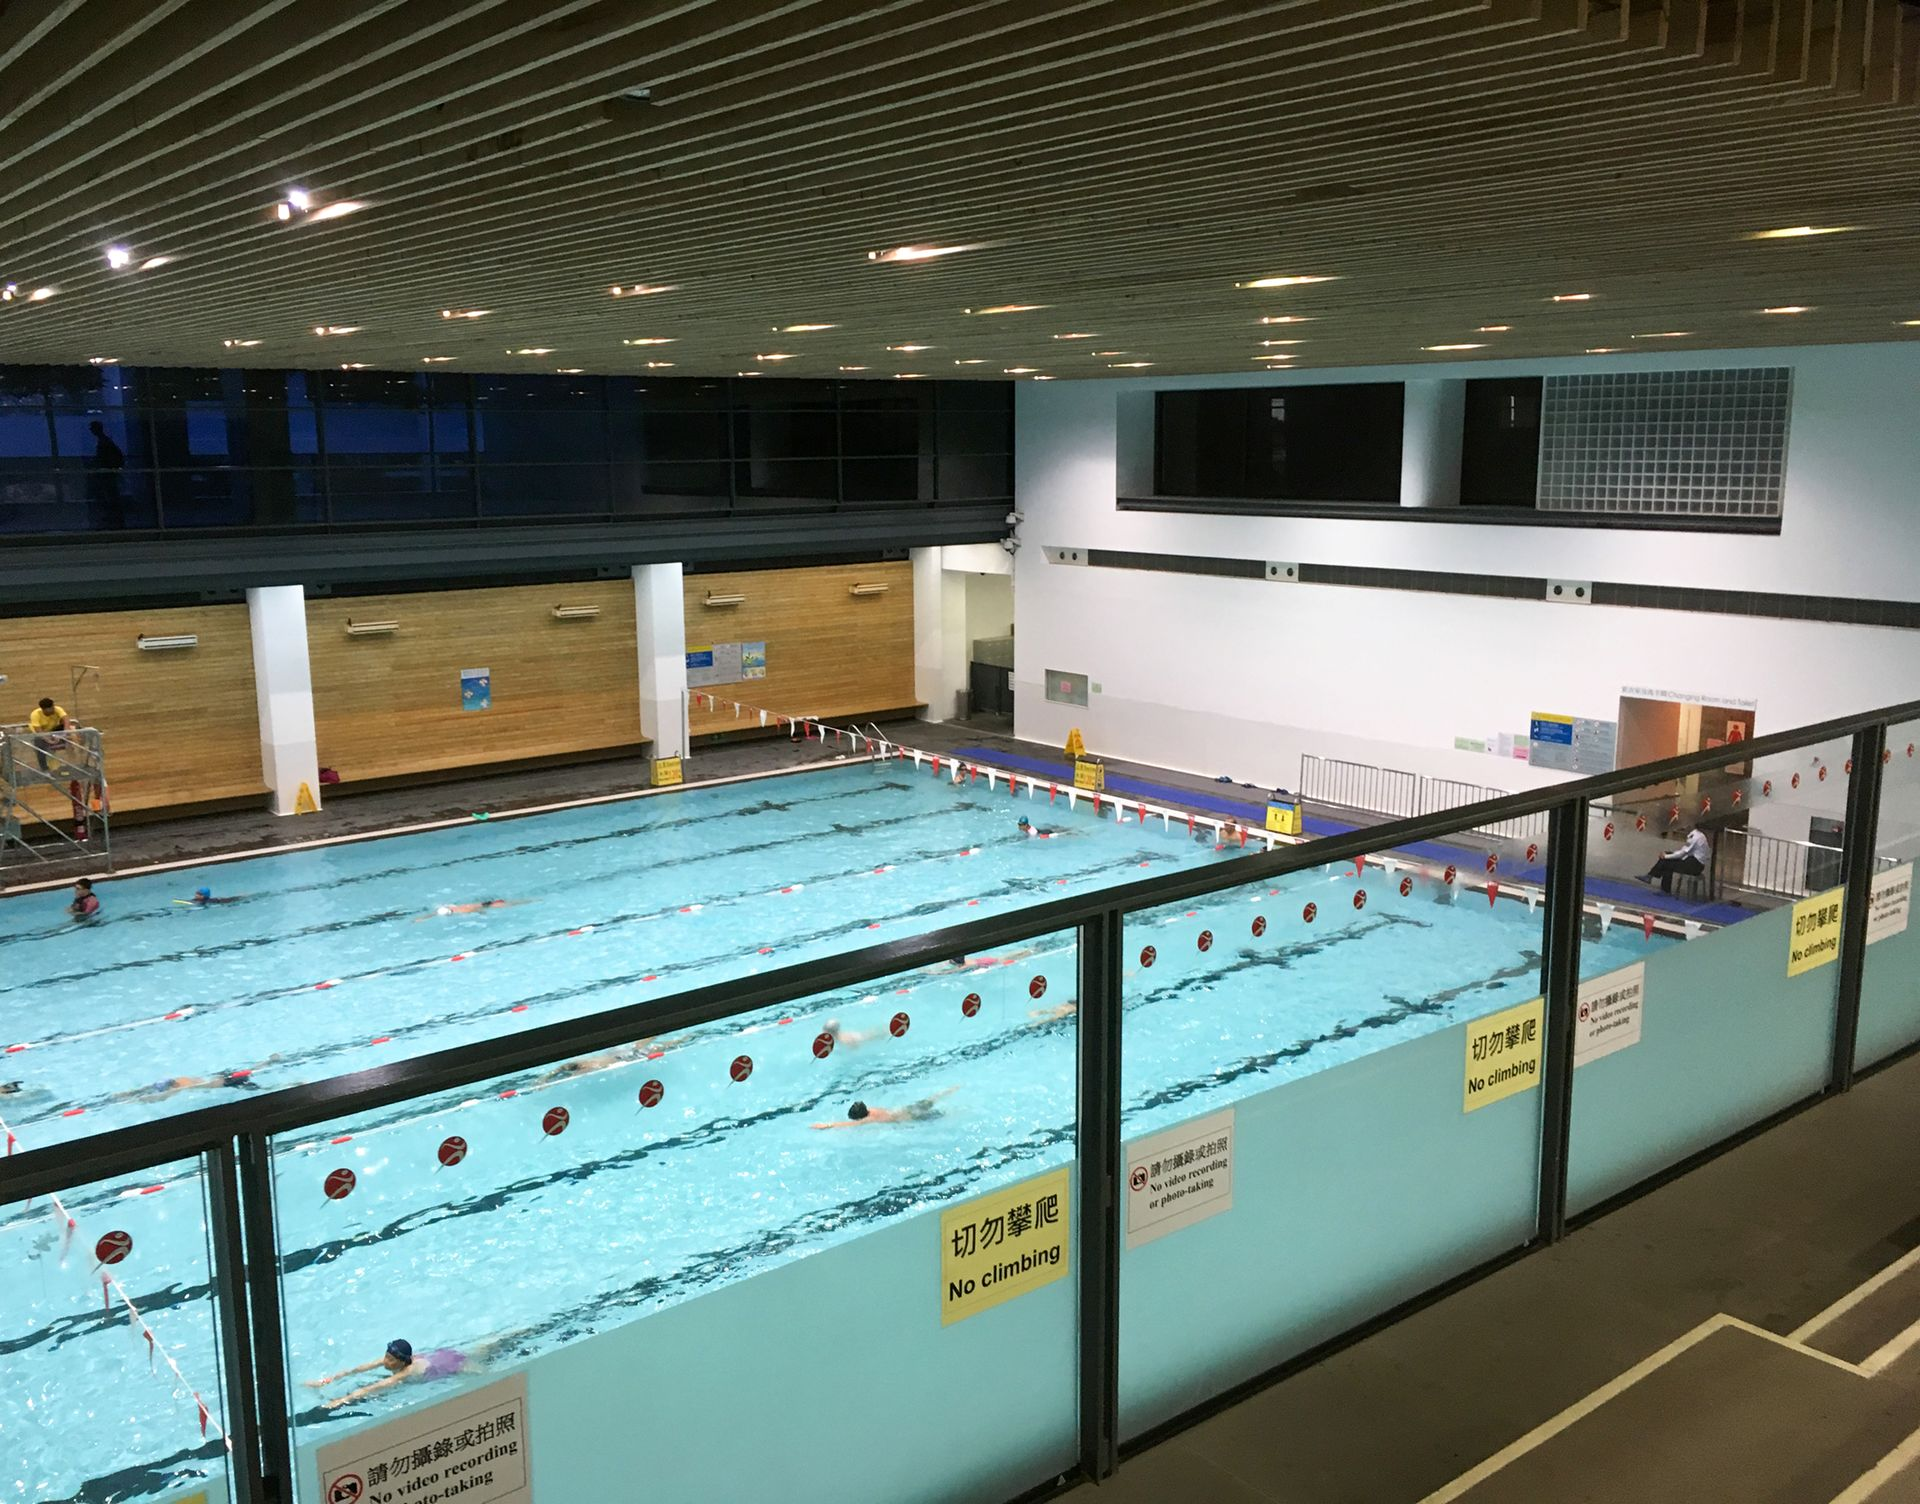 屏山天水圍游泳池 - 維基百科,由康樂及文化事務署管理,自由的百科全書